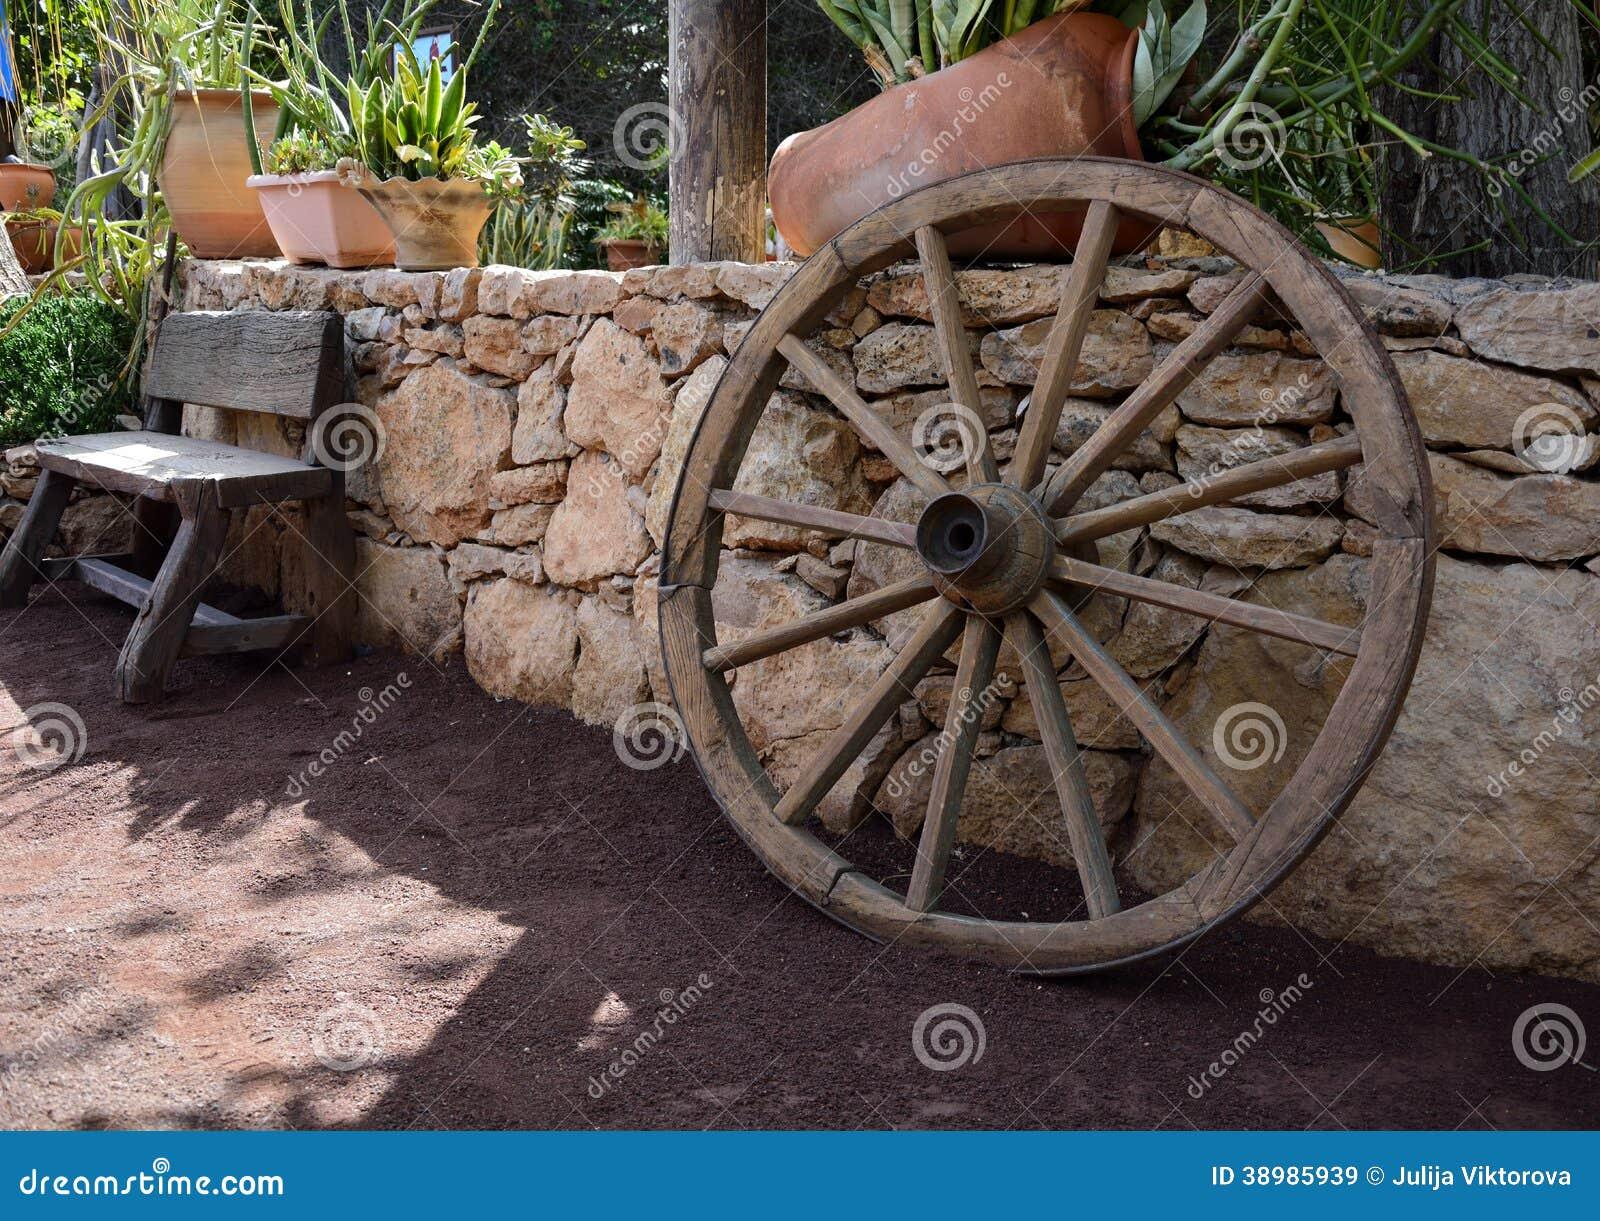 Decorazioni banco e ruota di legno del giardino immagine for Decorazioni giardino